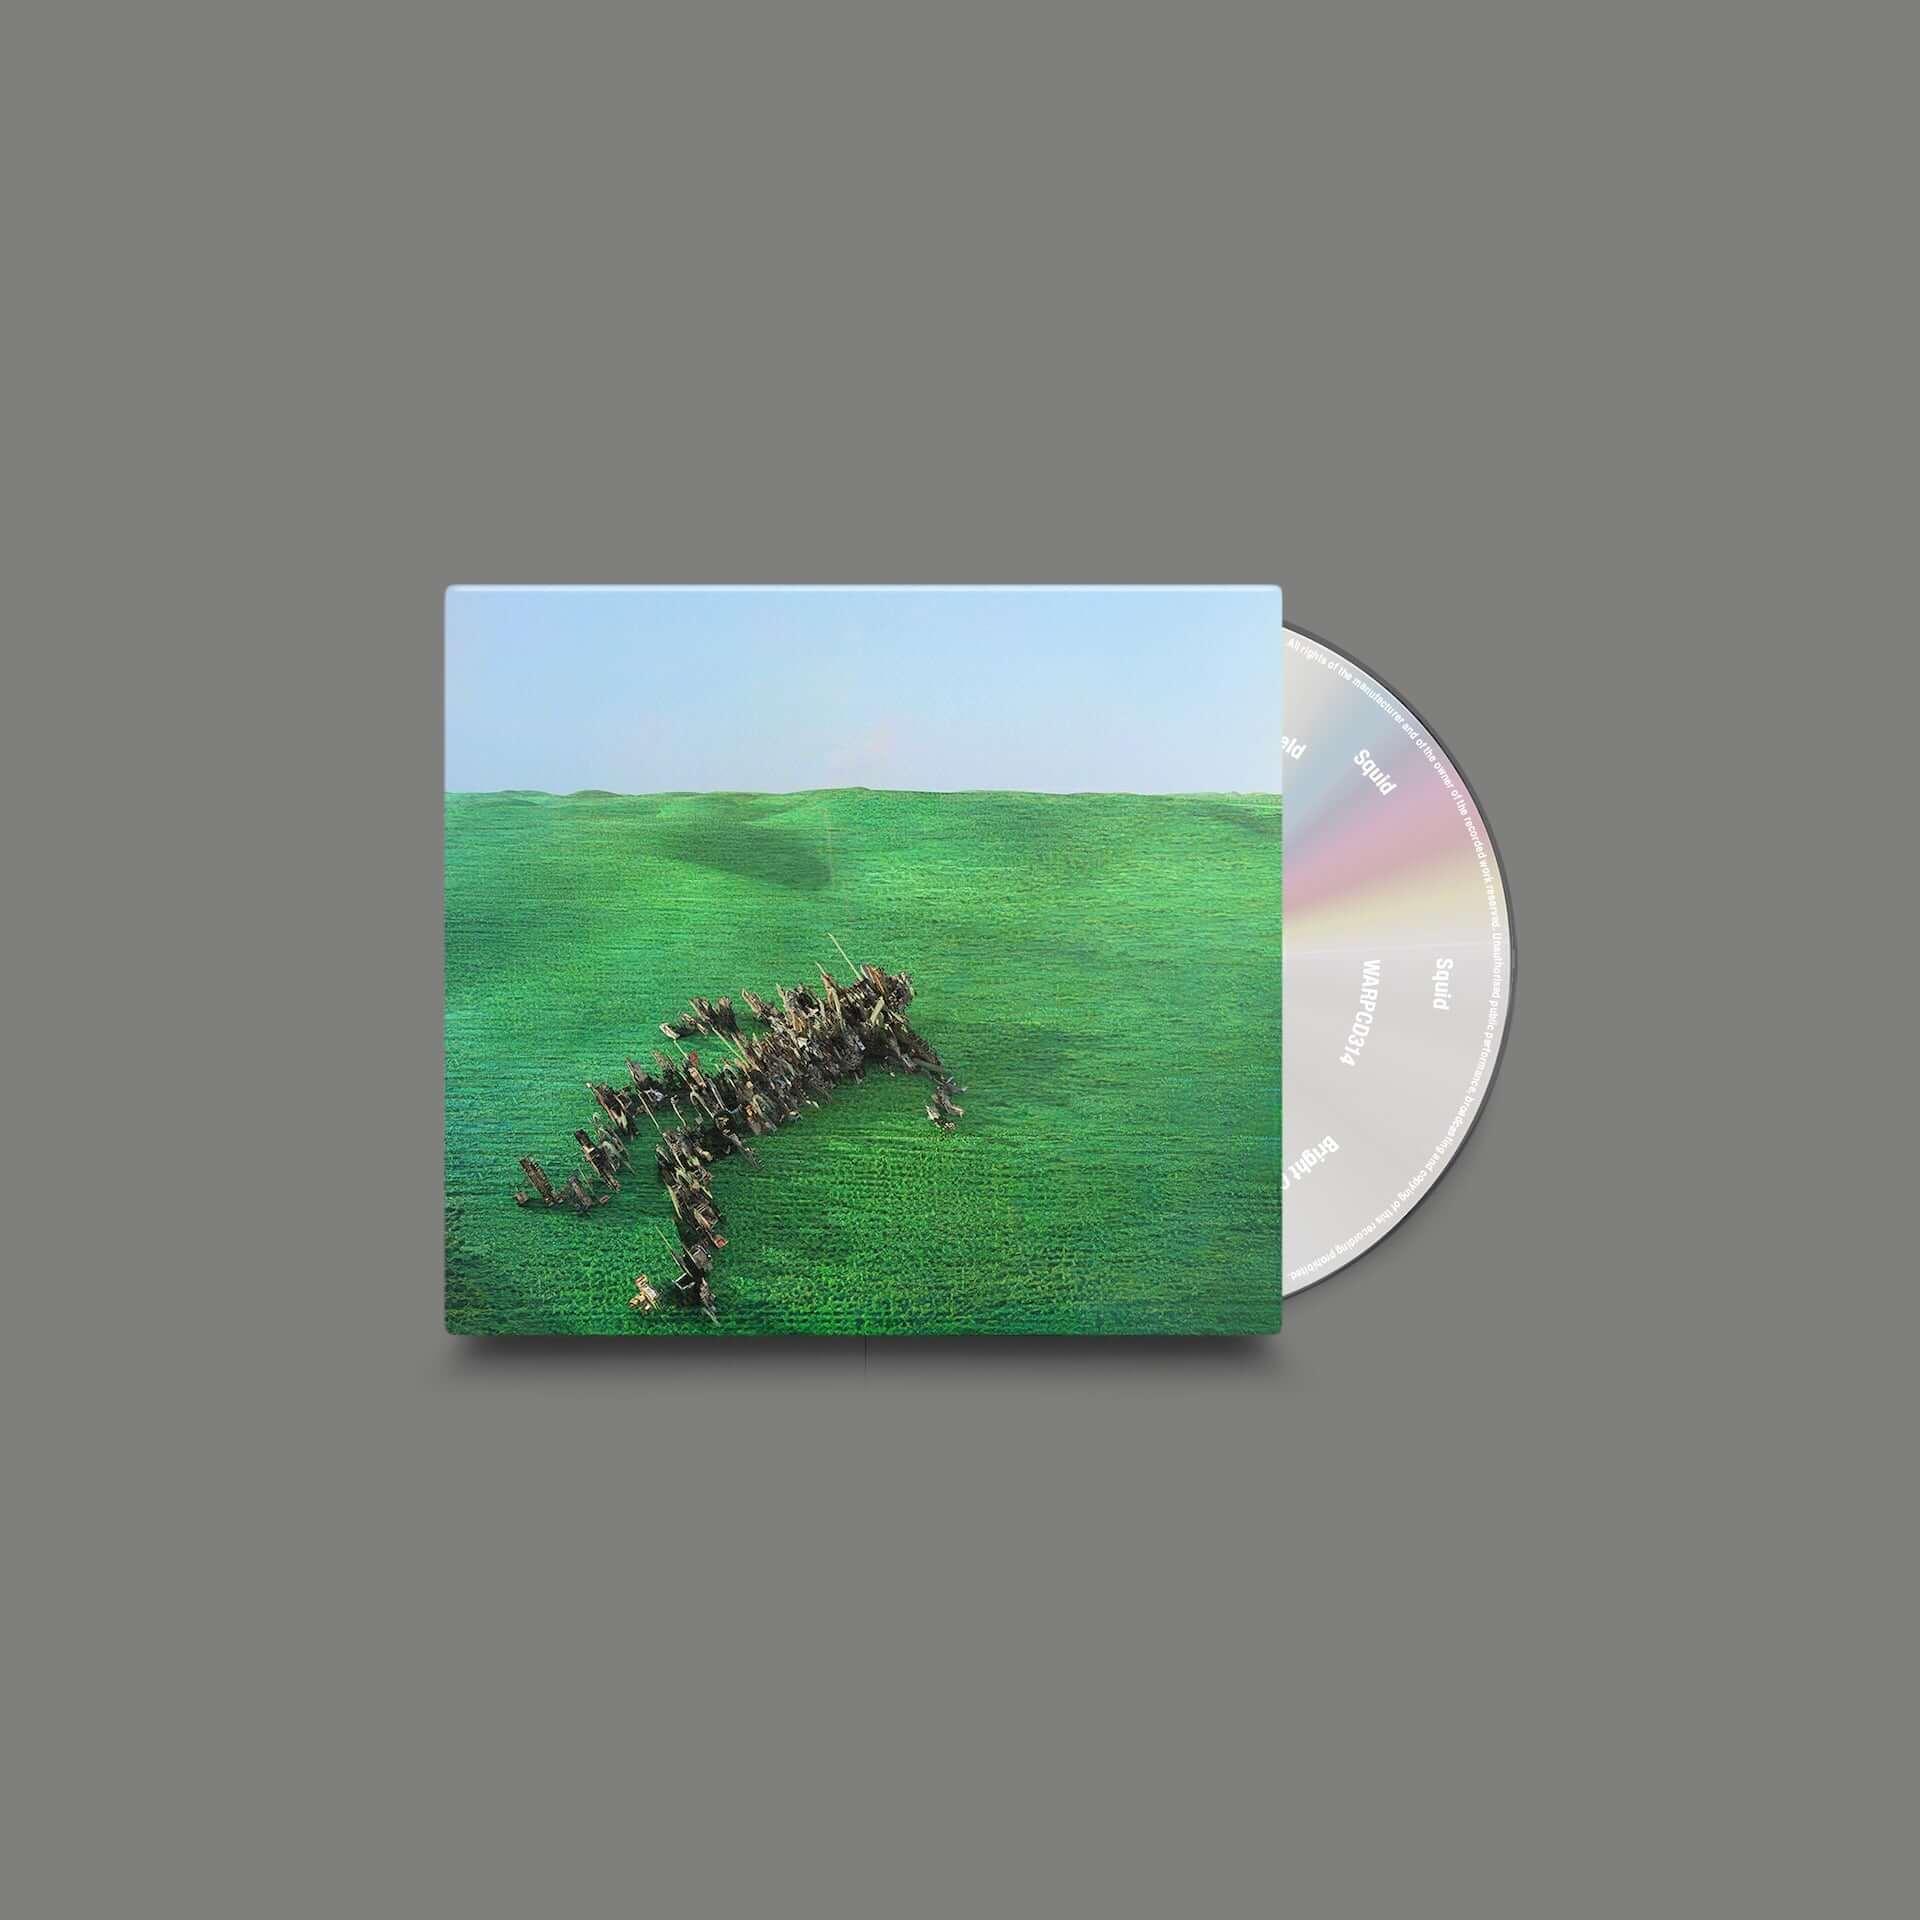 """次世代UKロックシーンの注目バンド・Squidがデビューアルバム『Bright Green Field』をリリース決定!収録曲""""Narrator""""MVが解禁 music210128_squid_5-1920x1920"""